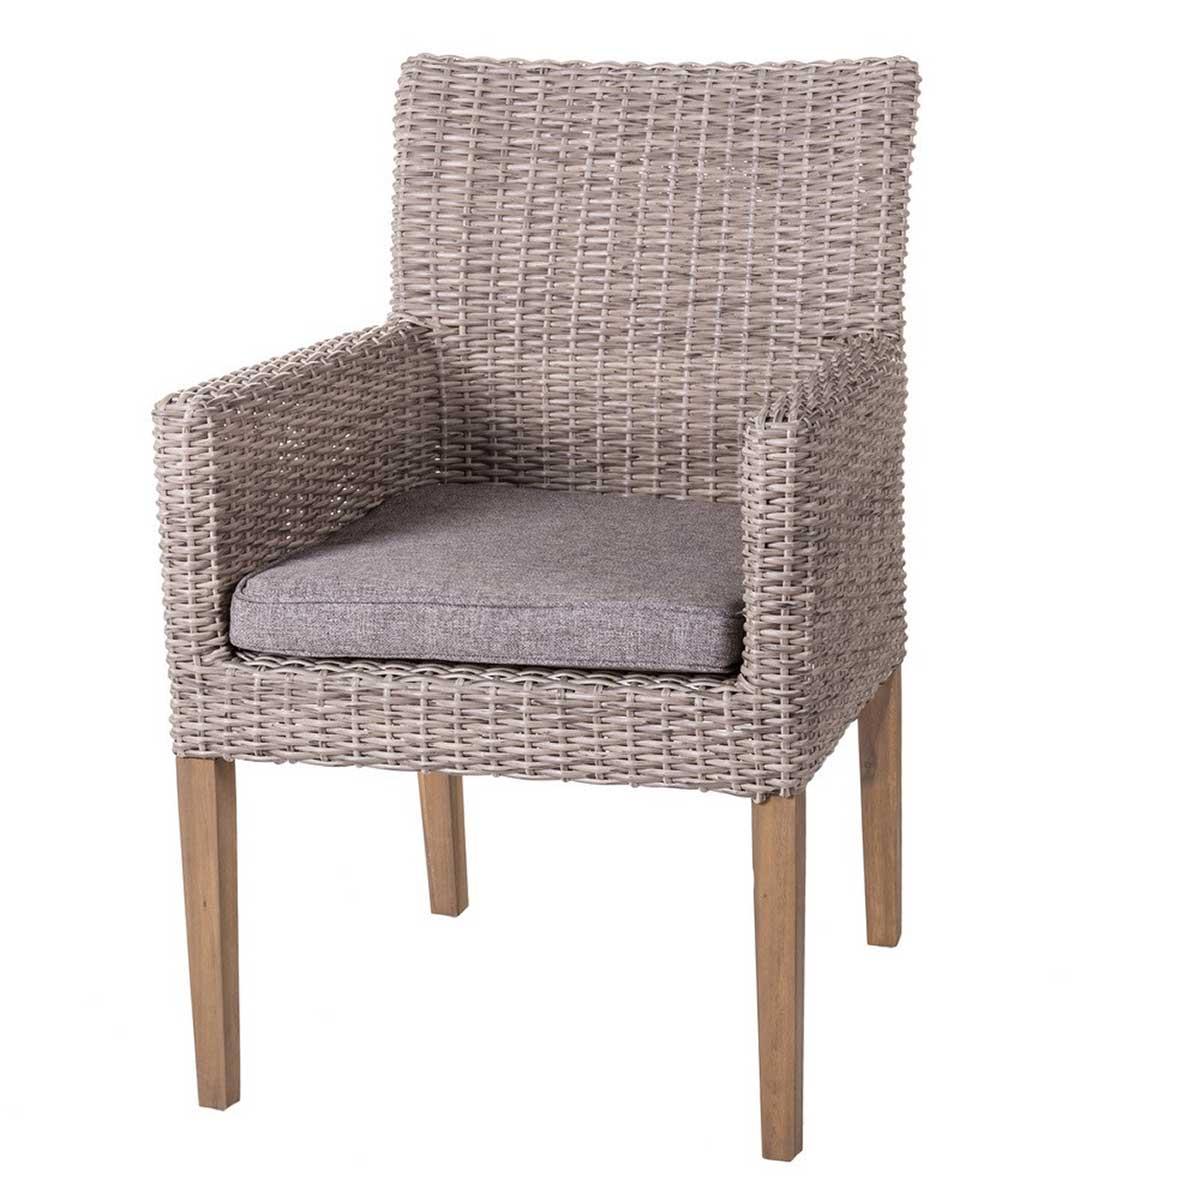 Lot de 2 chaises à manger en rotin vieilli - Vieilli - 60.00 cm x 63.00 cm x 86.00 cm